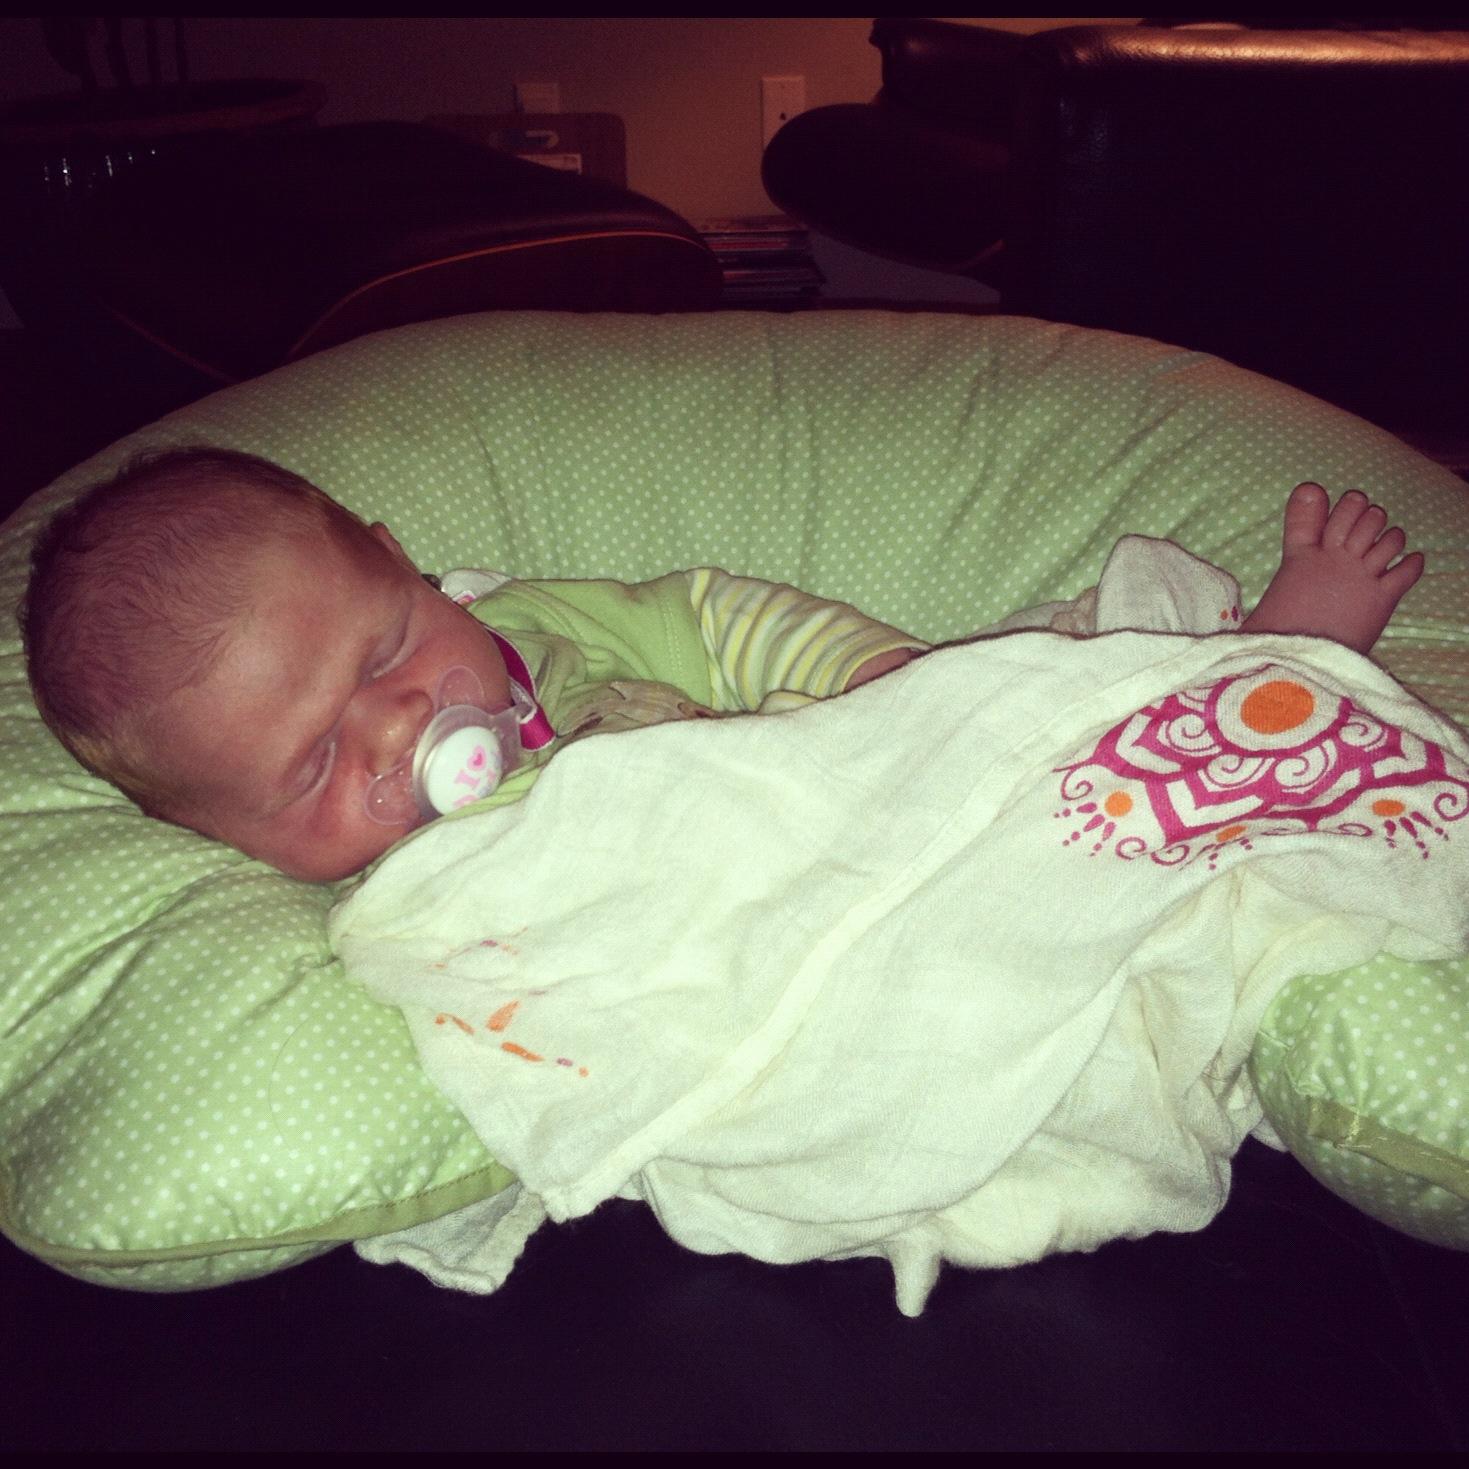 Boppy Sleeping Pillow Bing Images